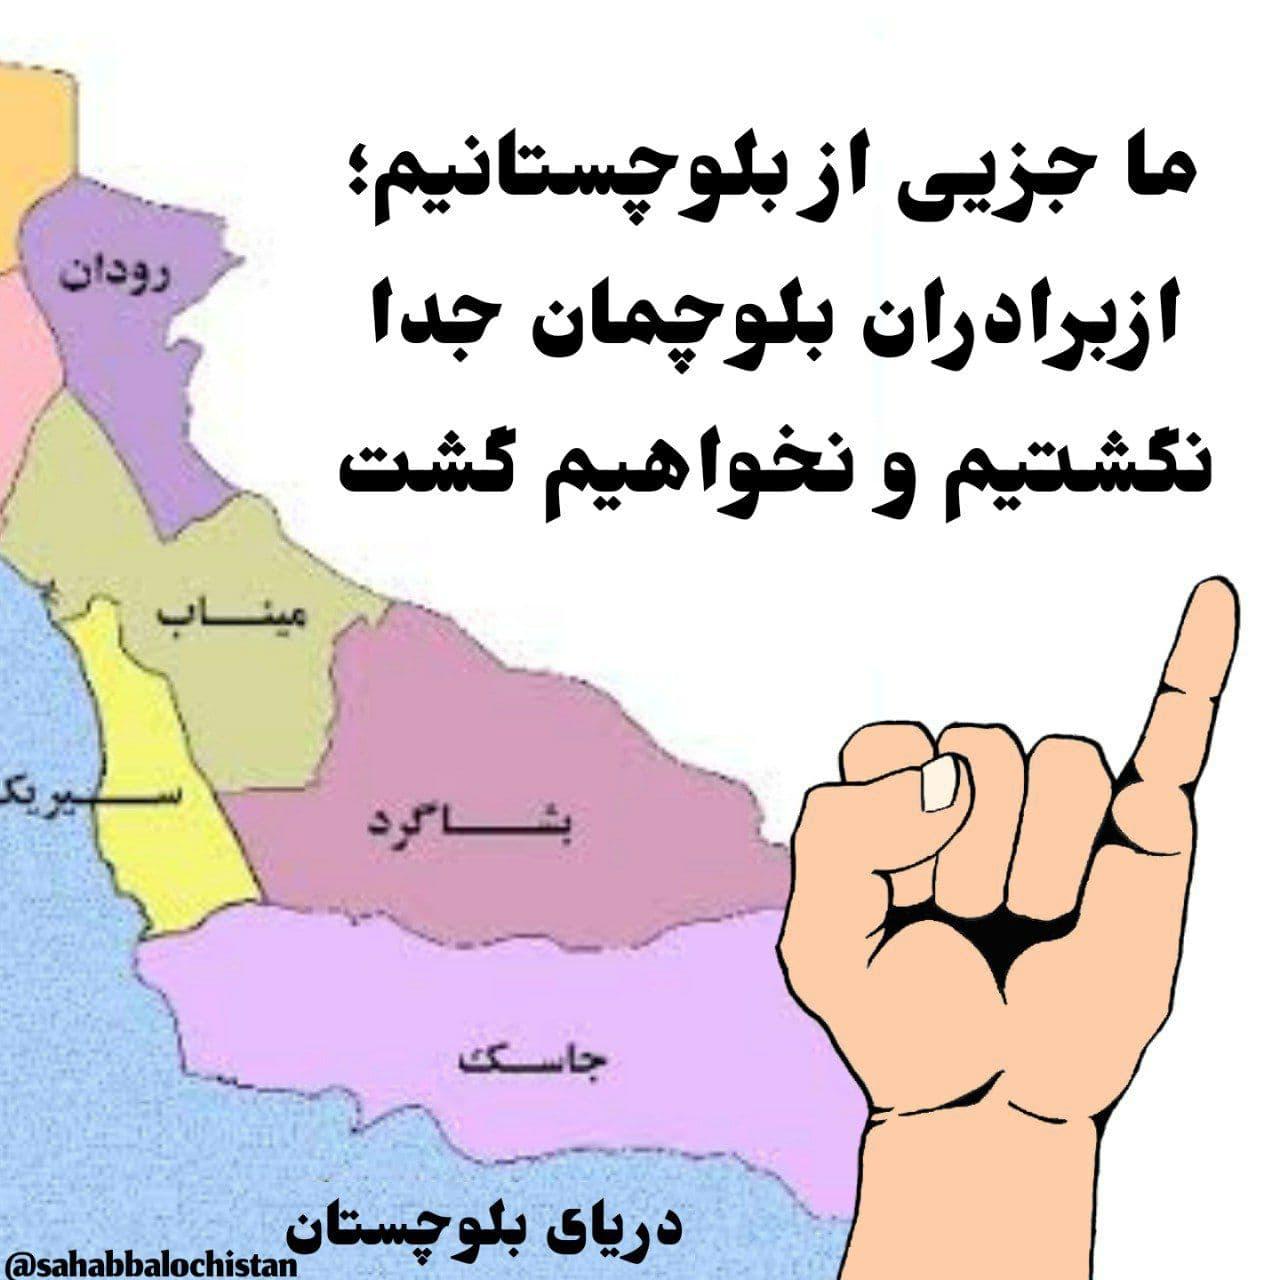 ما جزئی از بلوچستانیم. از برادران بلوچمان جدا نگشتیم ونخواهیم گشت